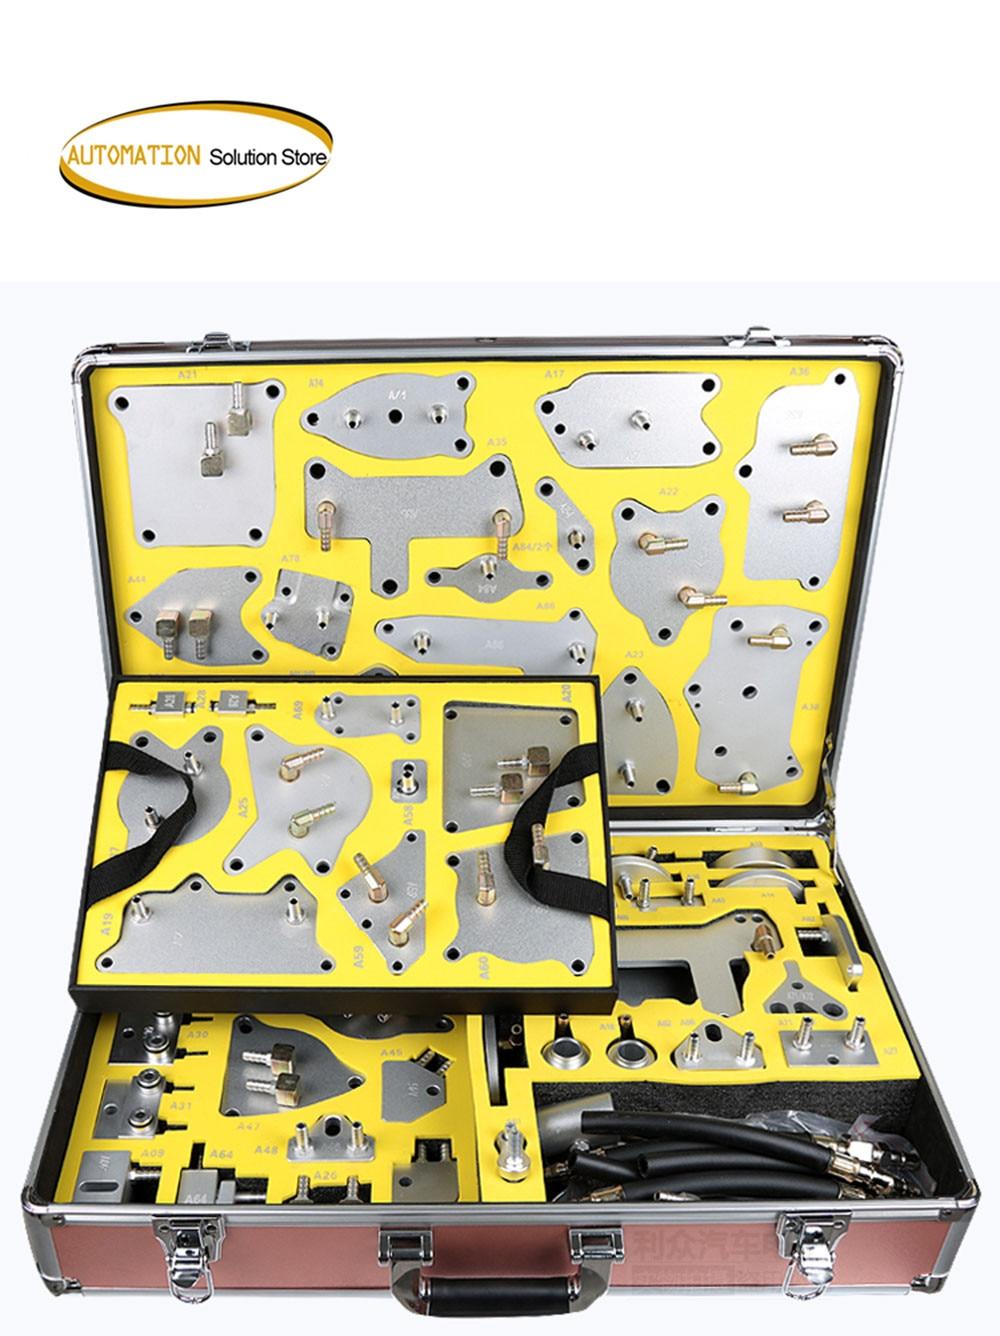 مضخة استبدال زيت سبائك الألومنيوم ، ناقل حركة أوتوماتيكي احترافي ، علبة تروس ، 116 قطعة